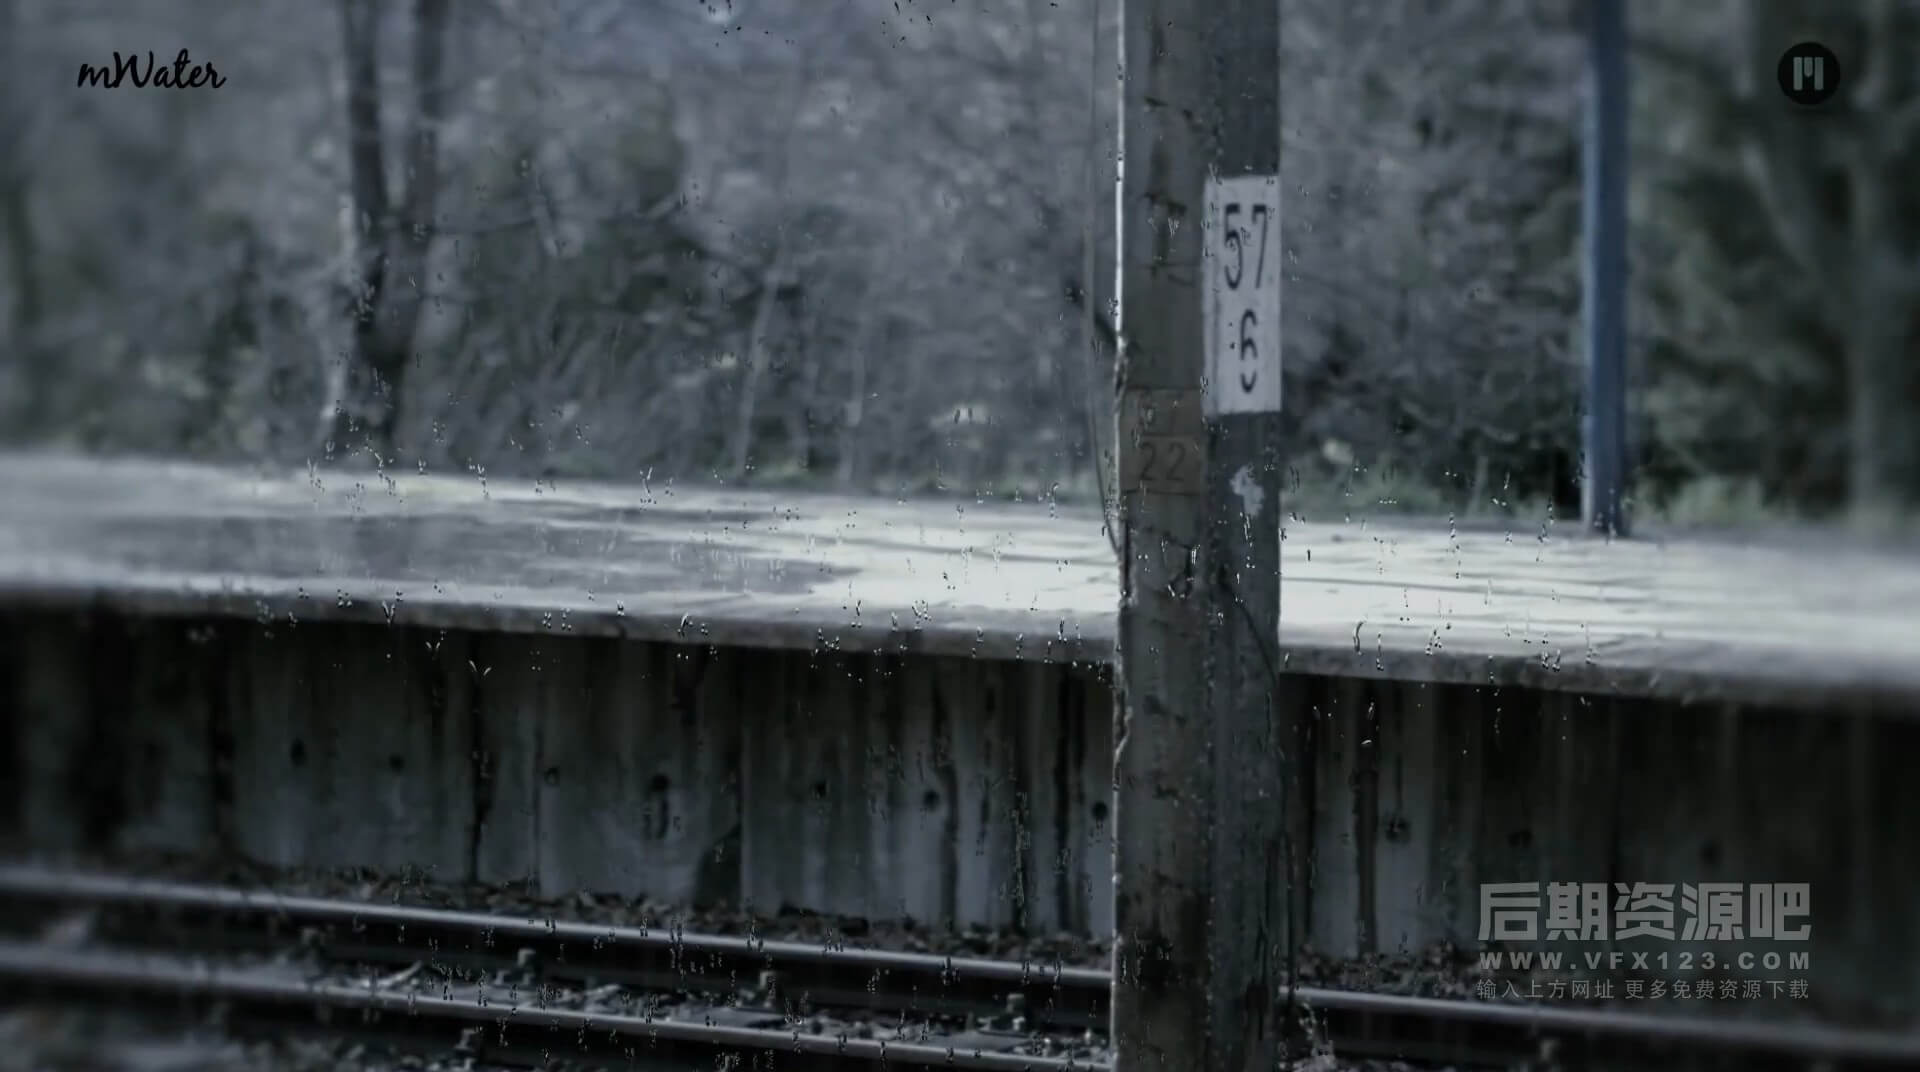 视频素材 2K高清下雨水珠视频特效合成素材 mWater